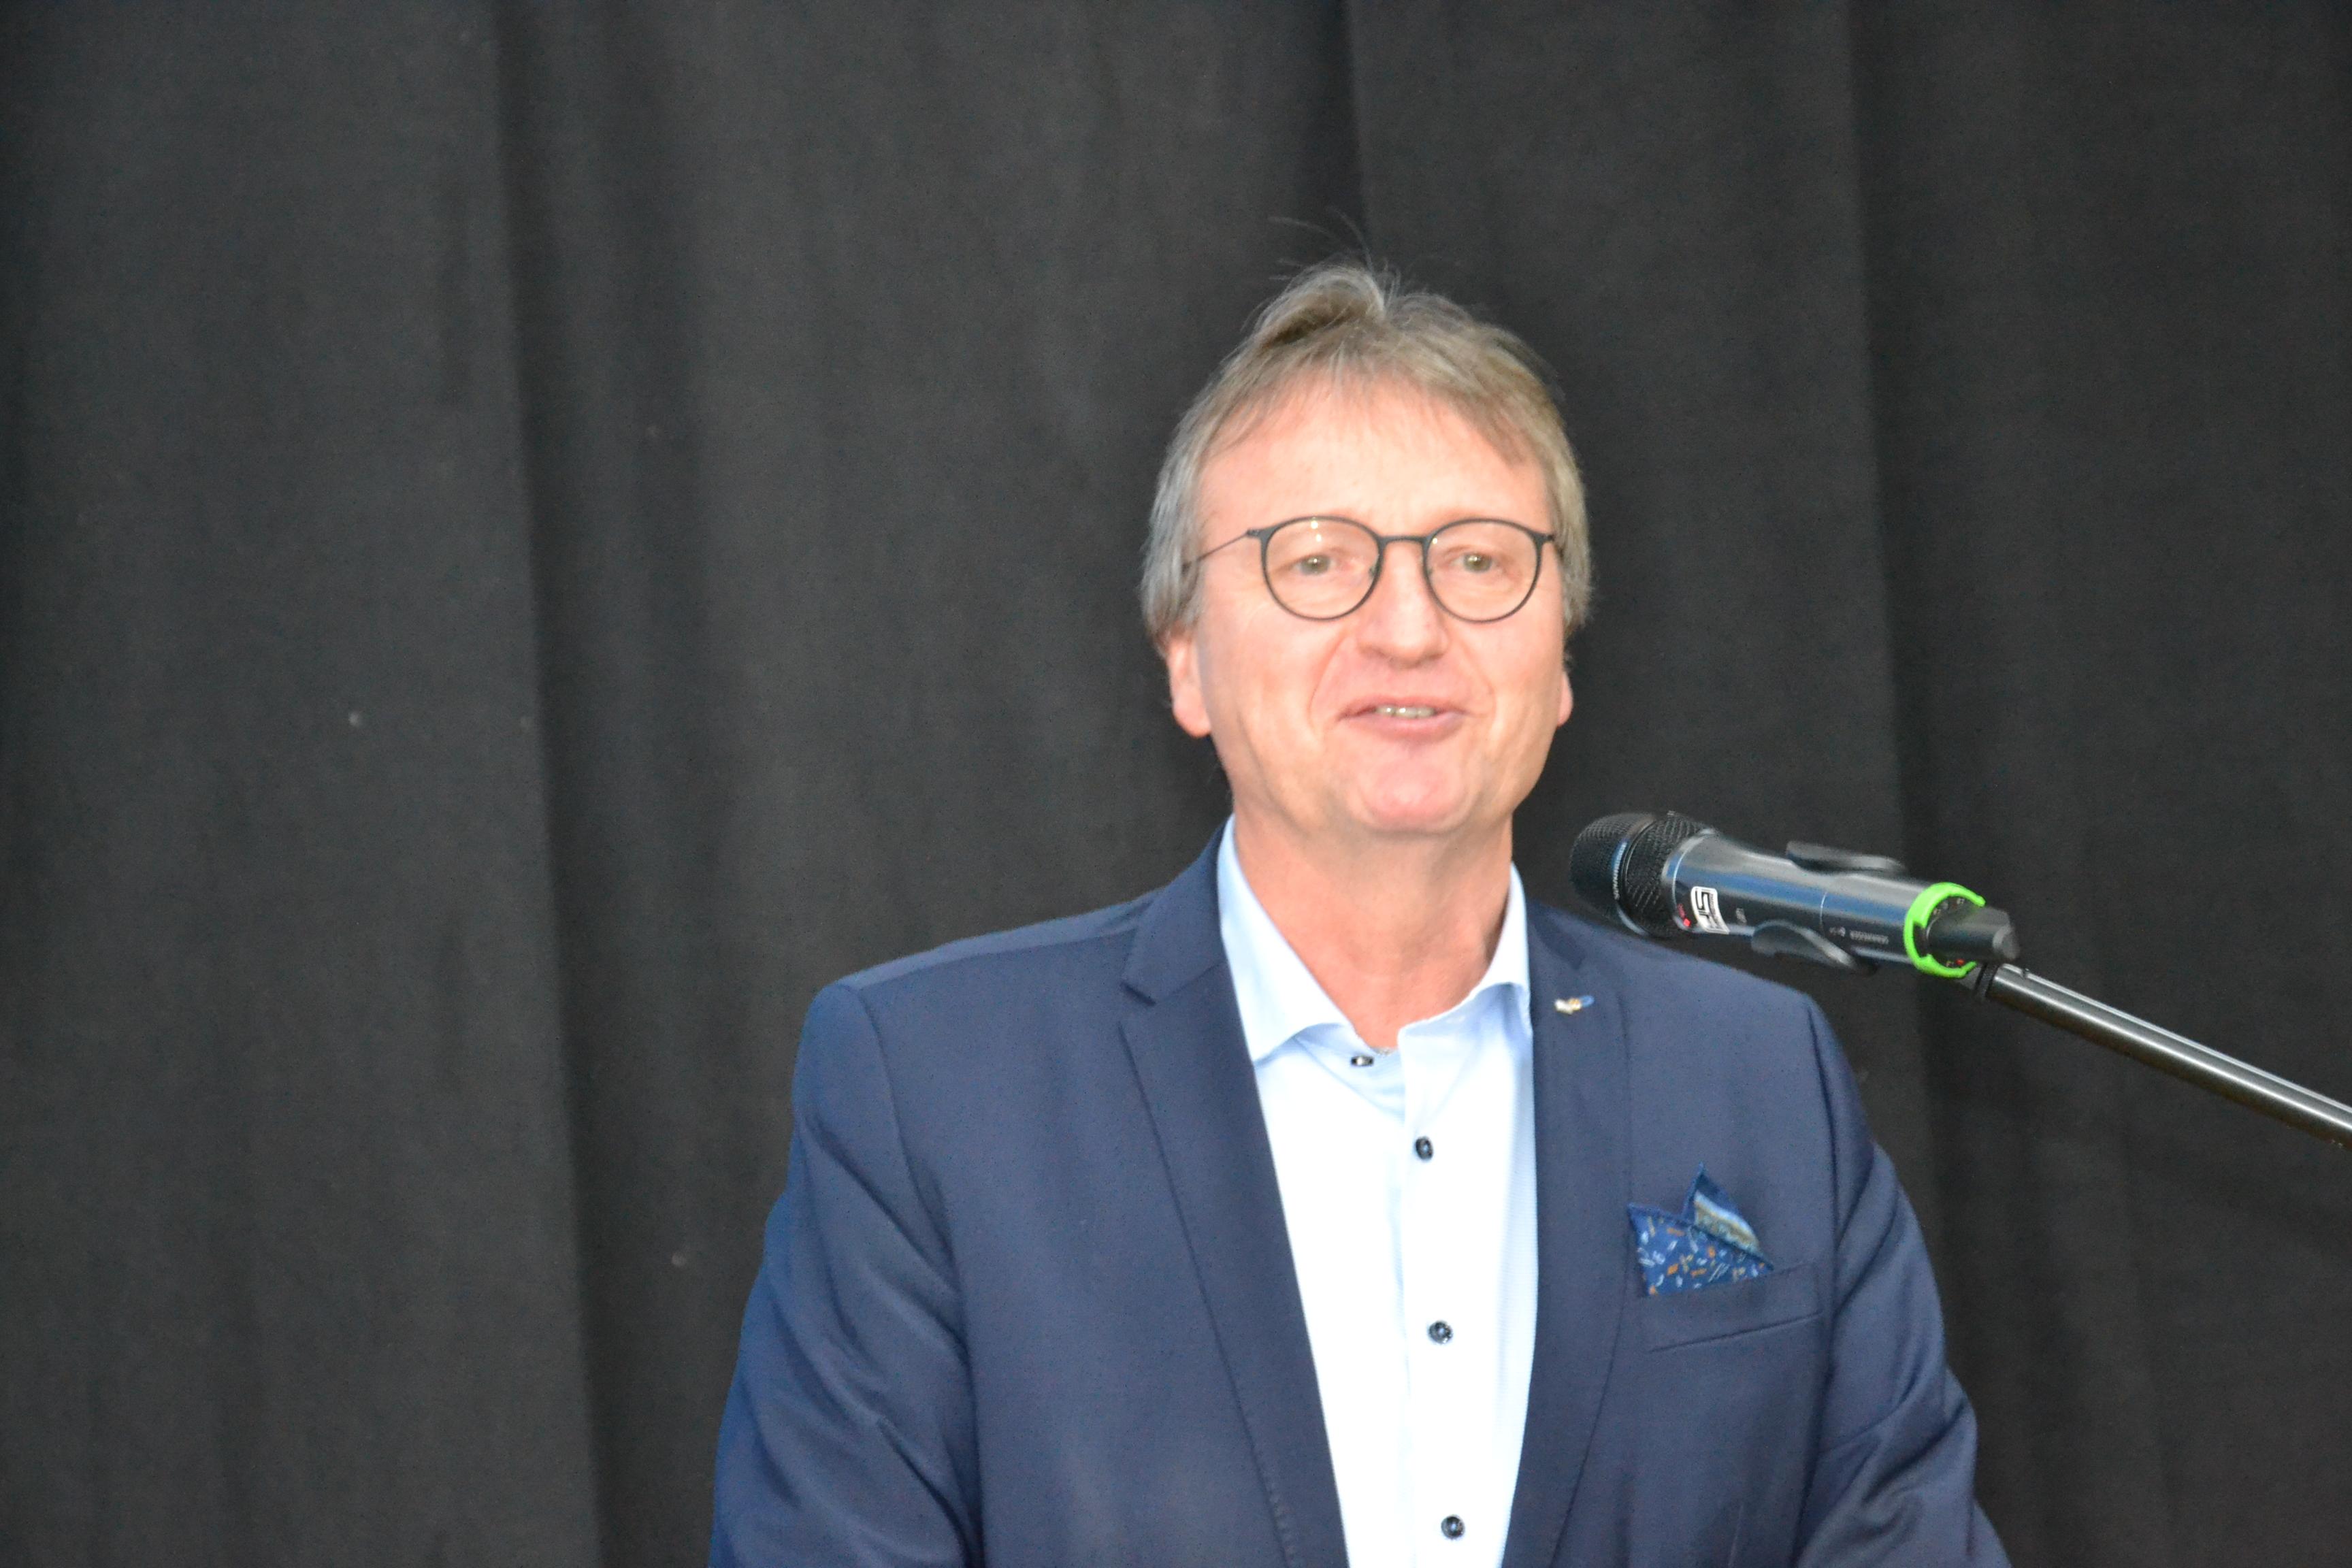 Prof. Dr. Stefan Winter hinter Mikrofon